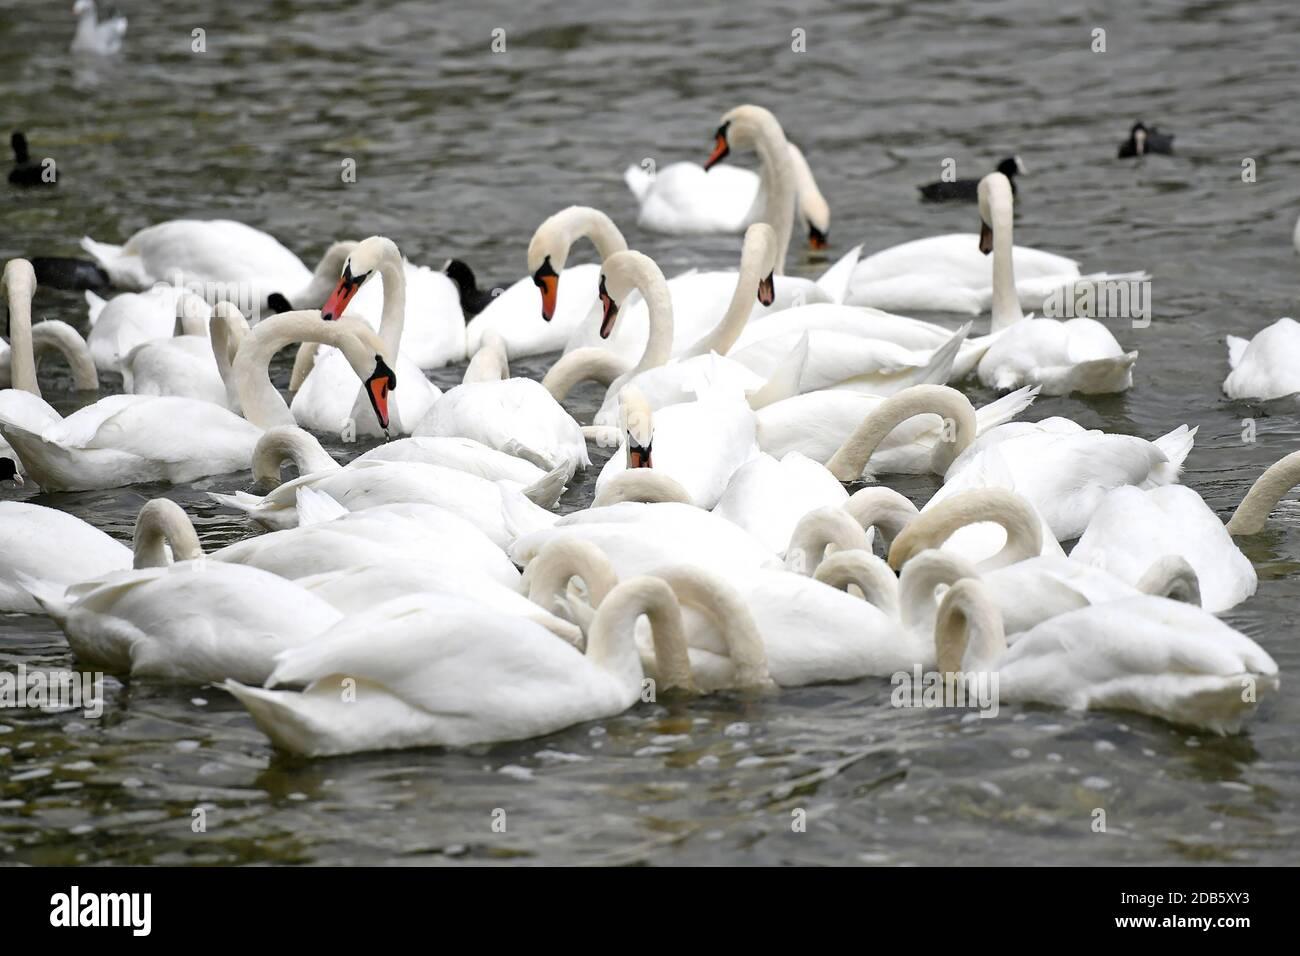 Schwäne am Attersee (Bez. Vöcklabruck, Salzkammergut, Oberösterreich, Österreich) - Swans on Lake Attersee (Vöcklabruck district, Salzkammergut, Upper Stock Photo